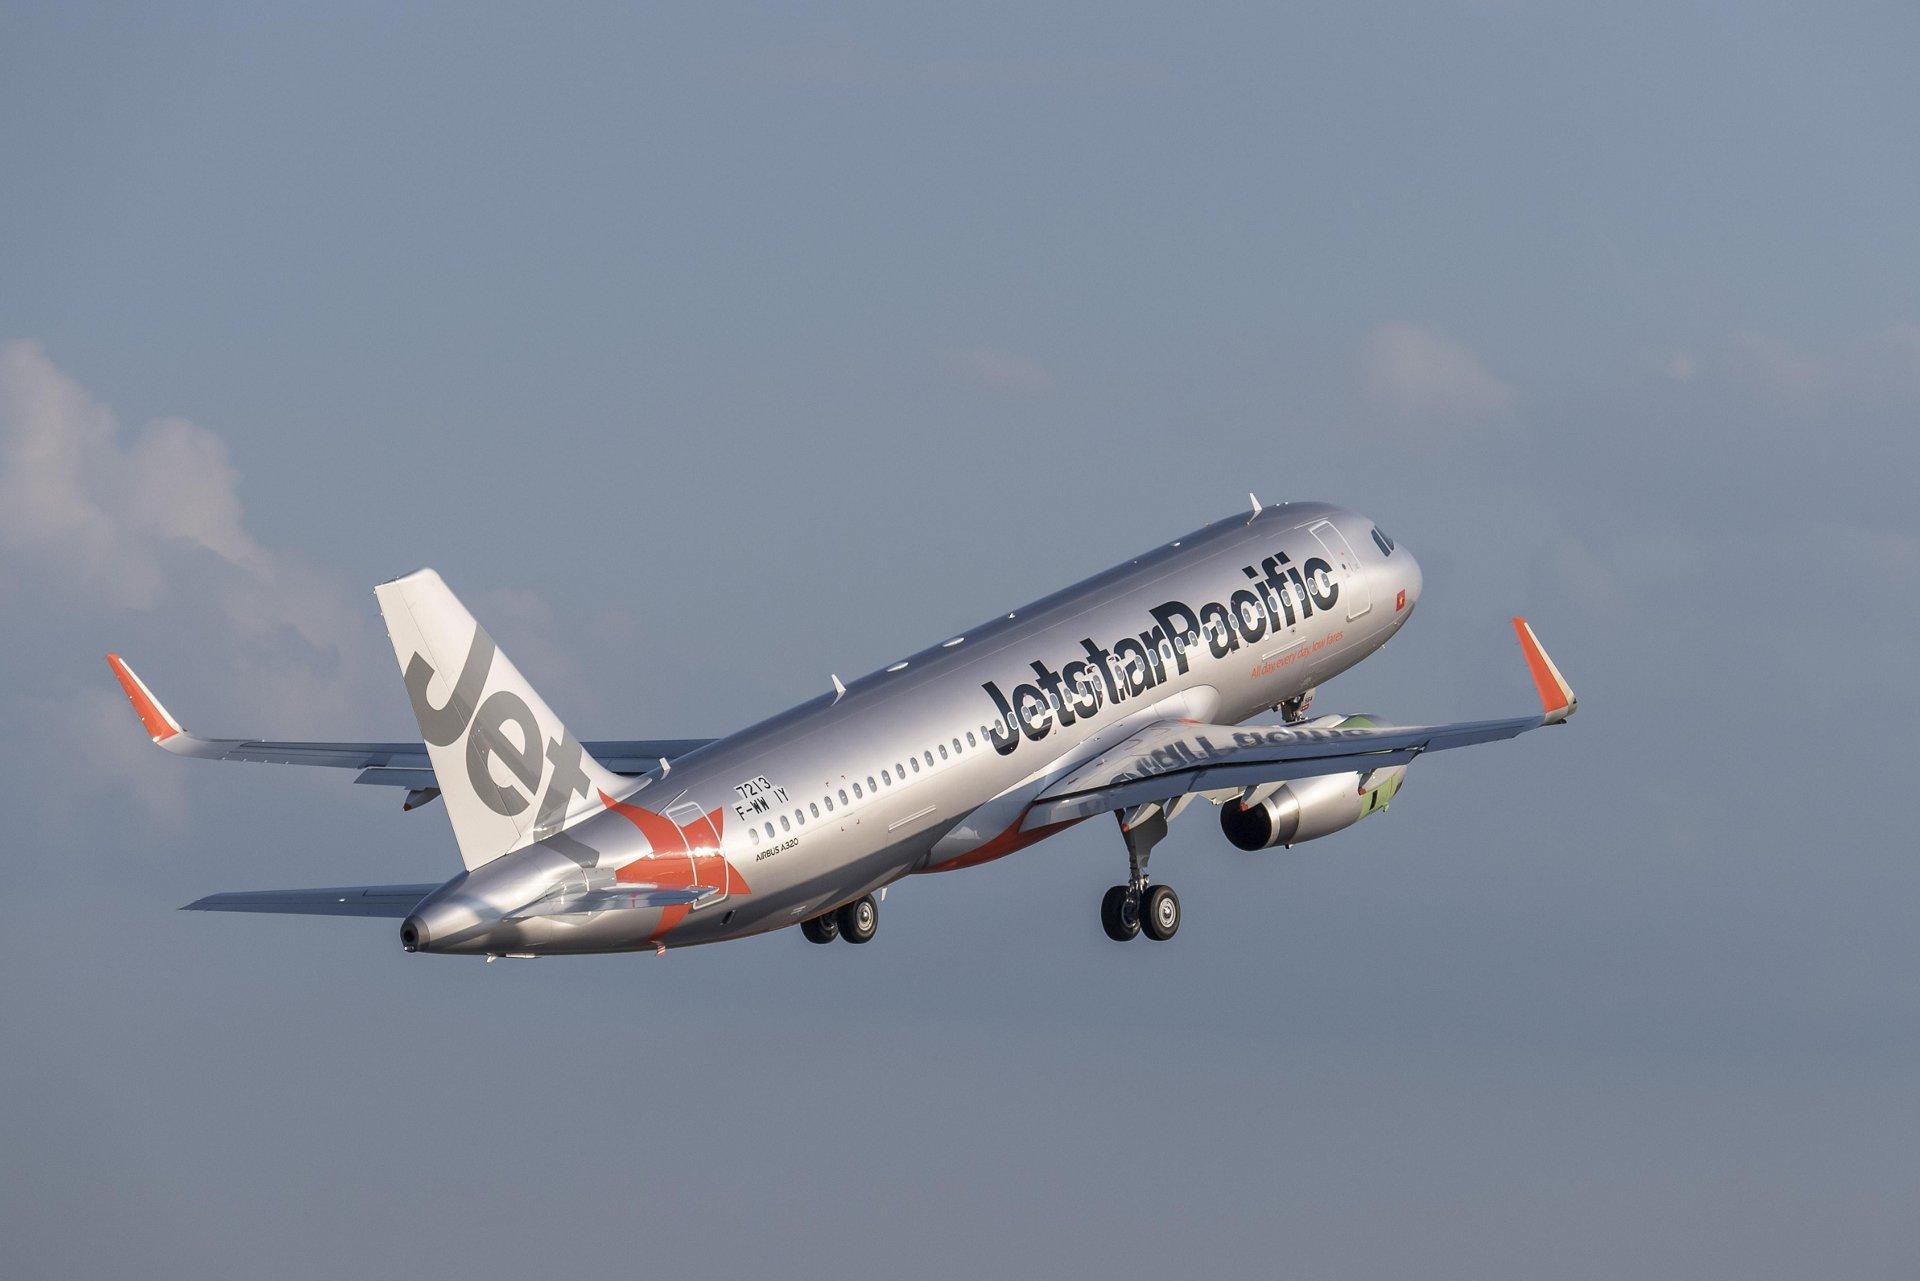 Jetstar Pacific Airlines liệu có bị xóa sổ